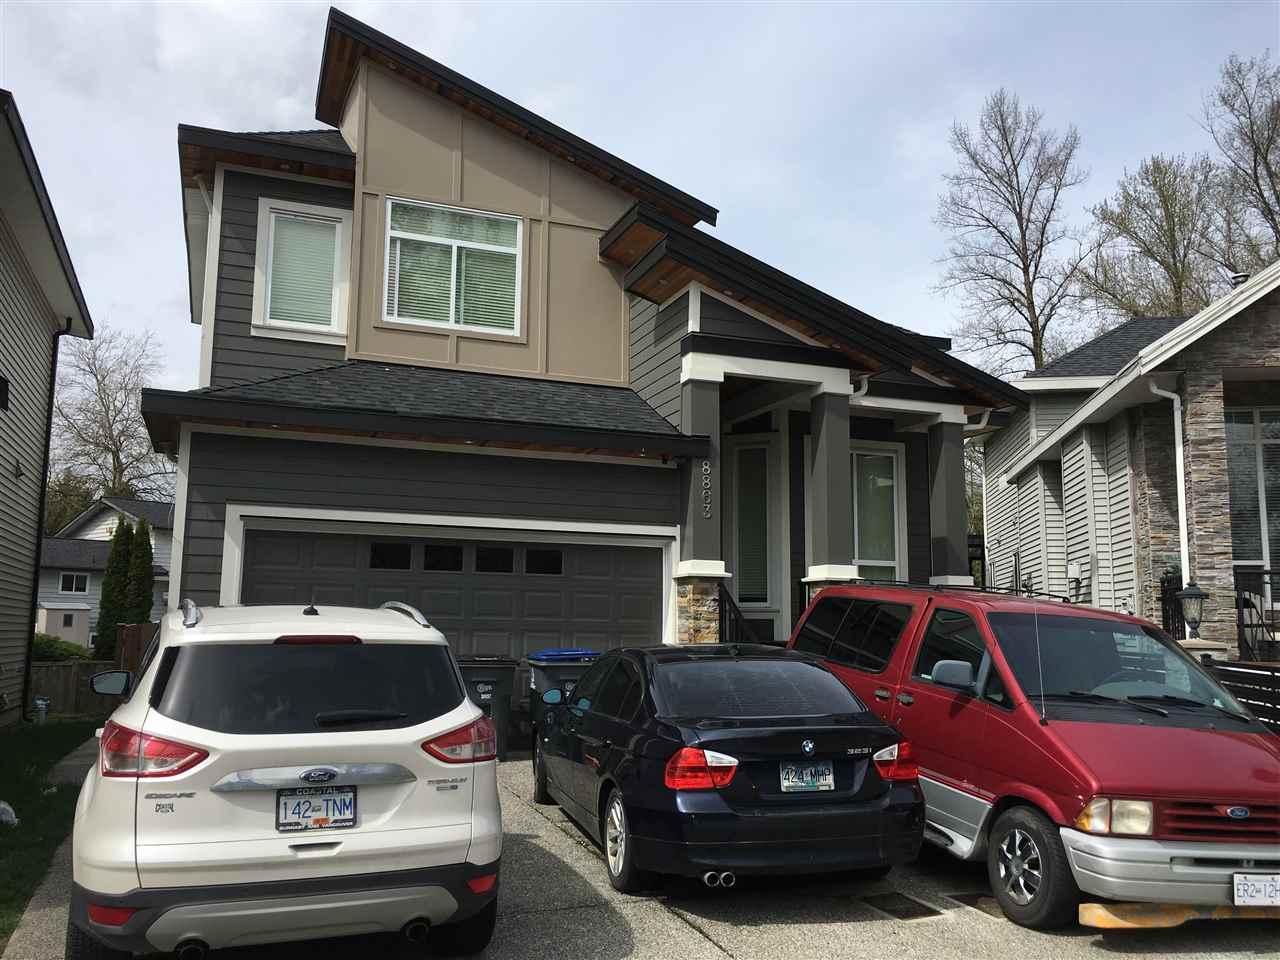 8863 131 STREET, Surrey, BC, V3V 0A8 Primary Photo